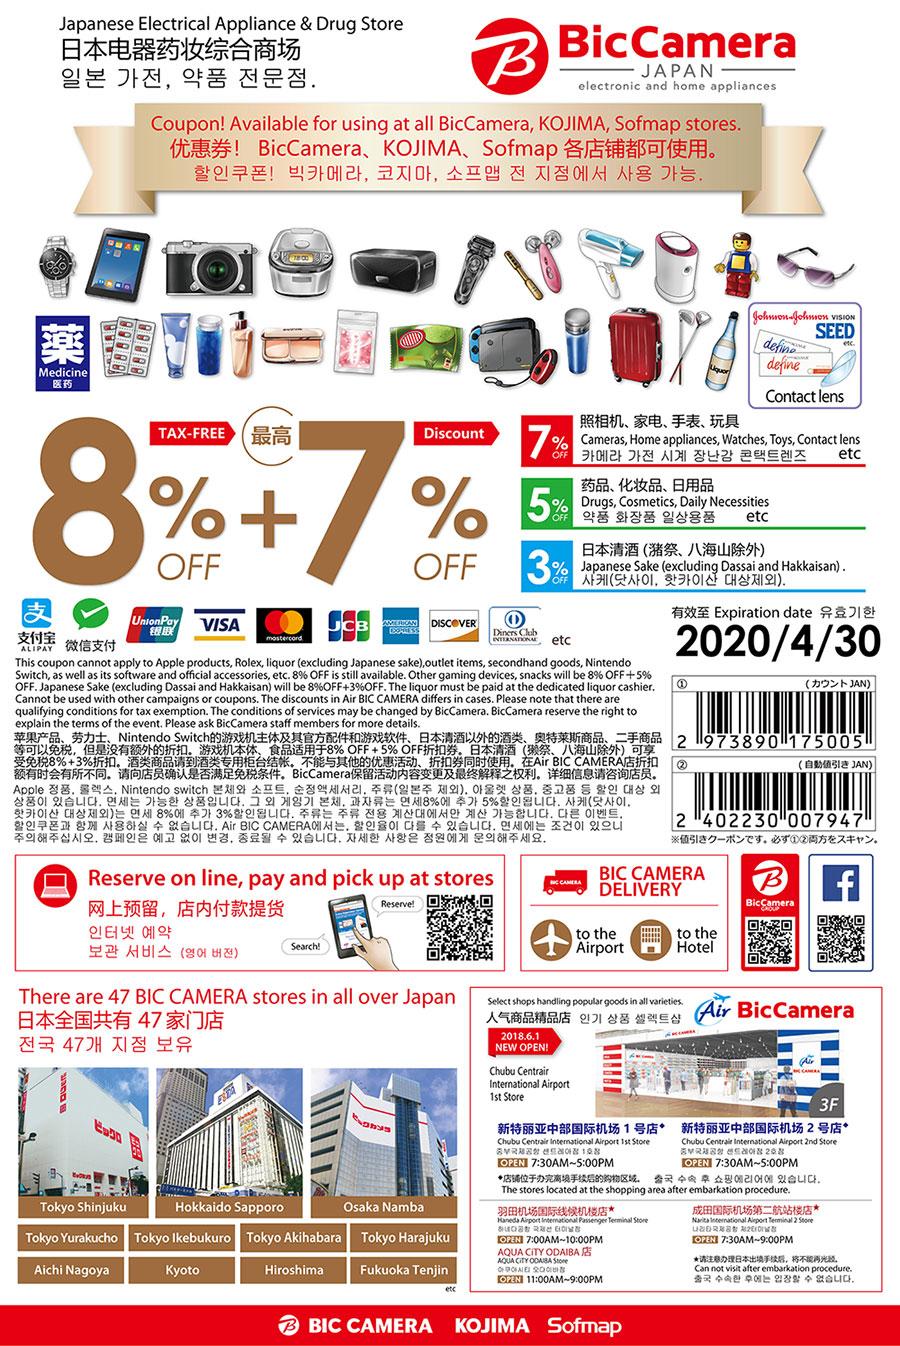 免税10%OFF+7%OFF</br>免税10%OFF+5%OFF